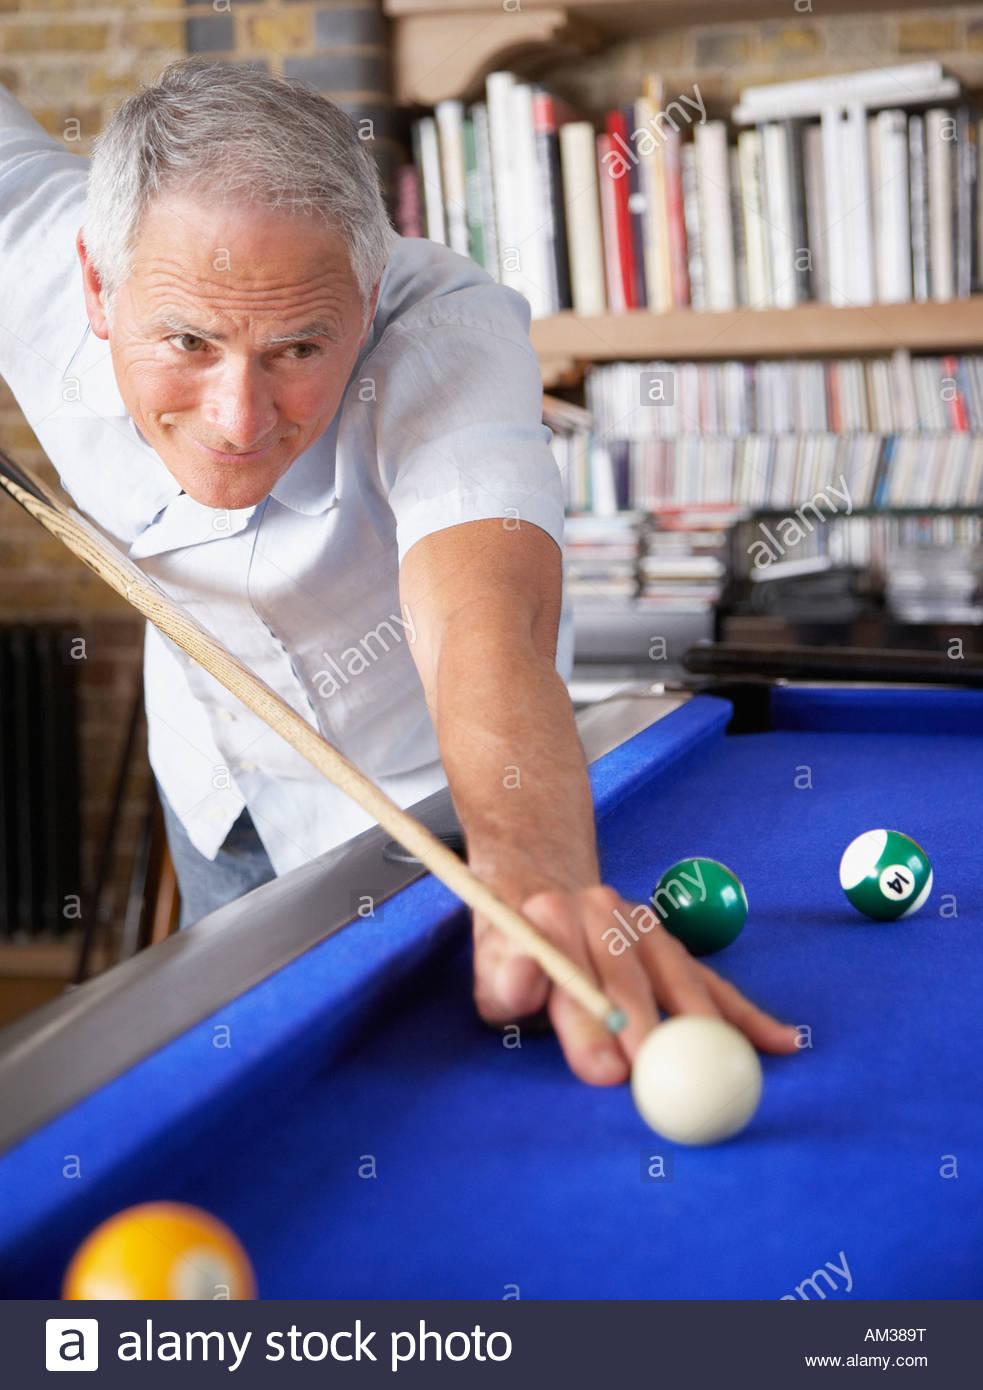 Man playing pool - Stock Image